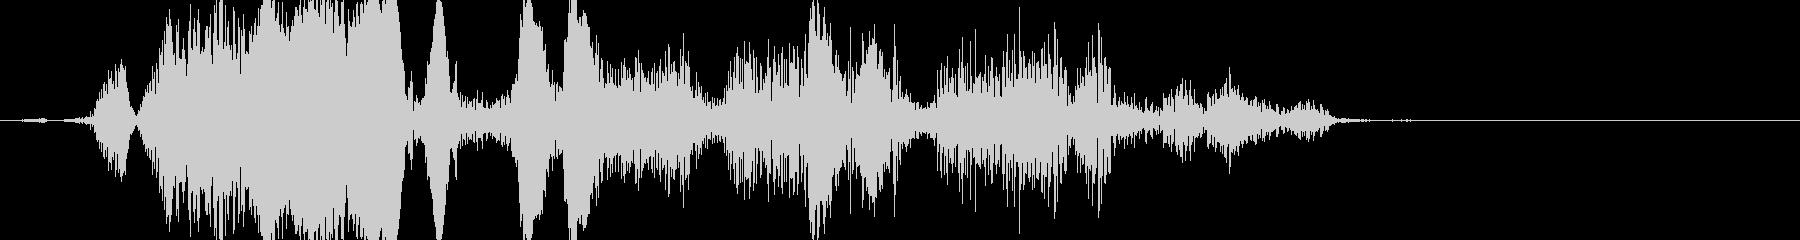 小型モンスターの笑い声01の未再生の波形